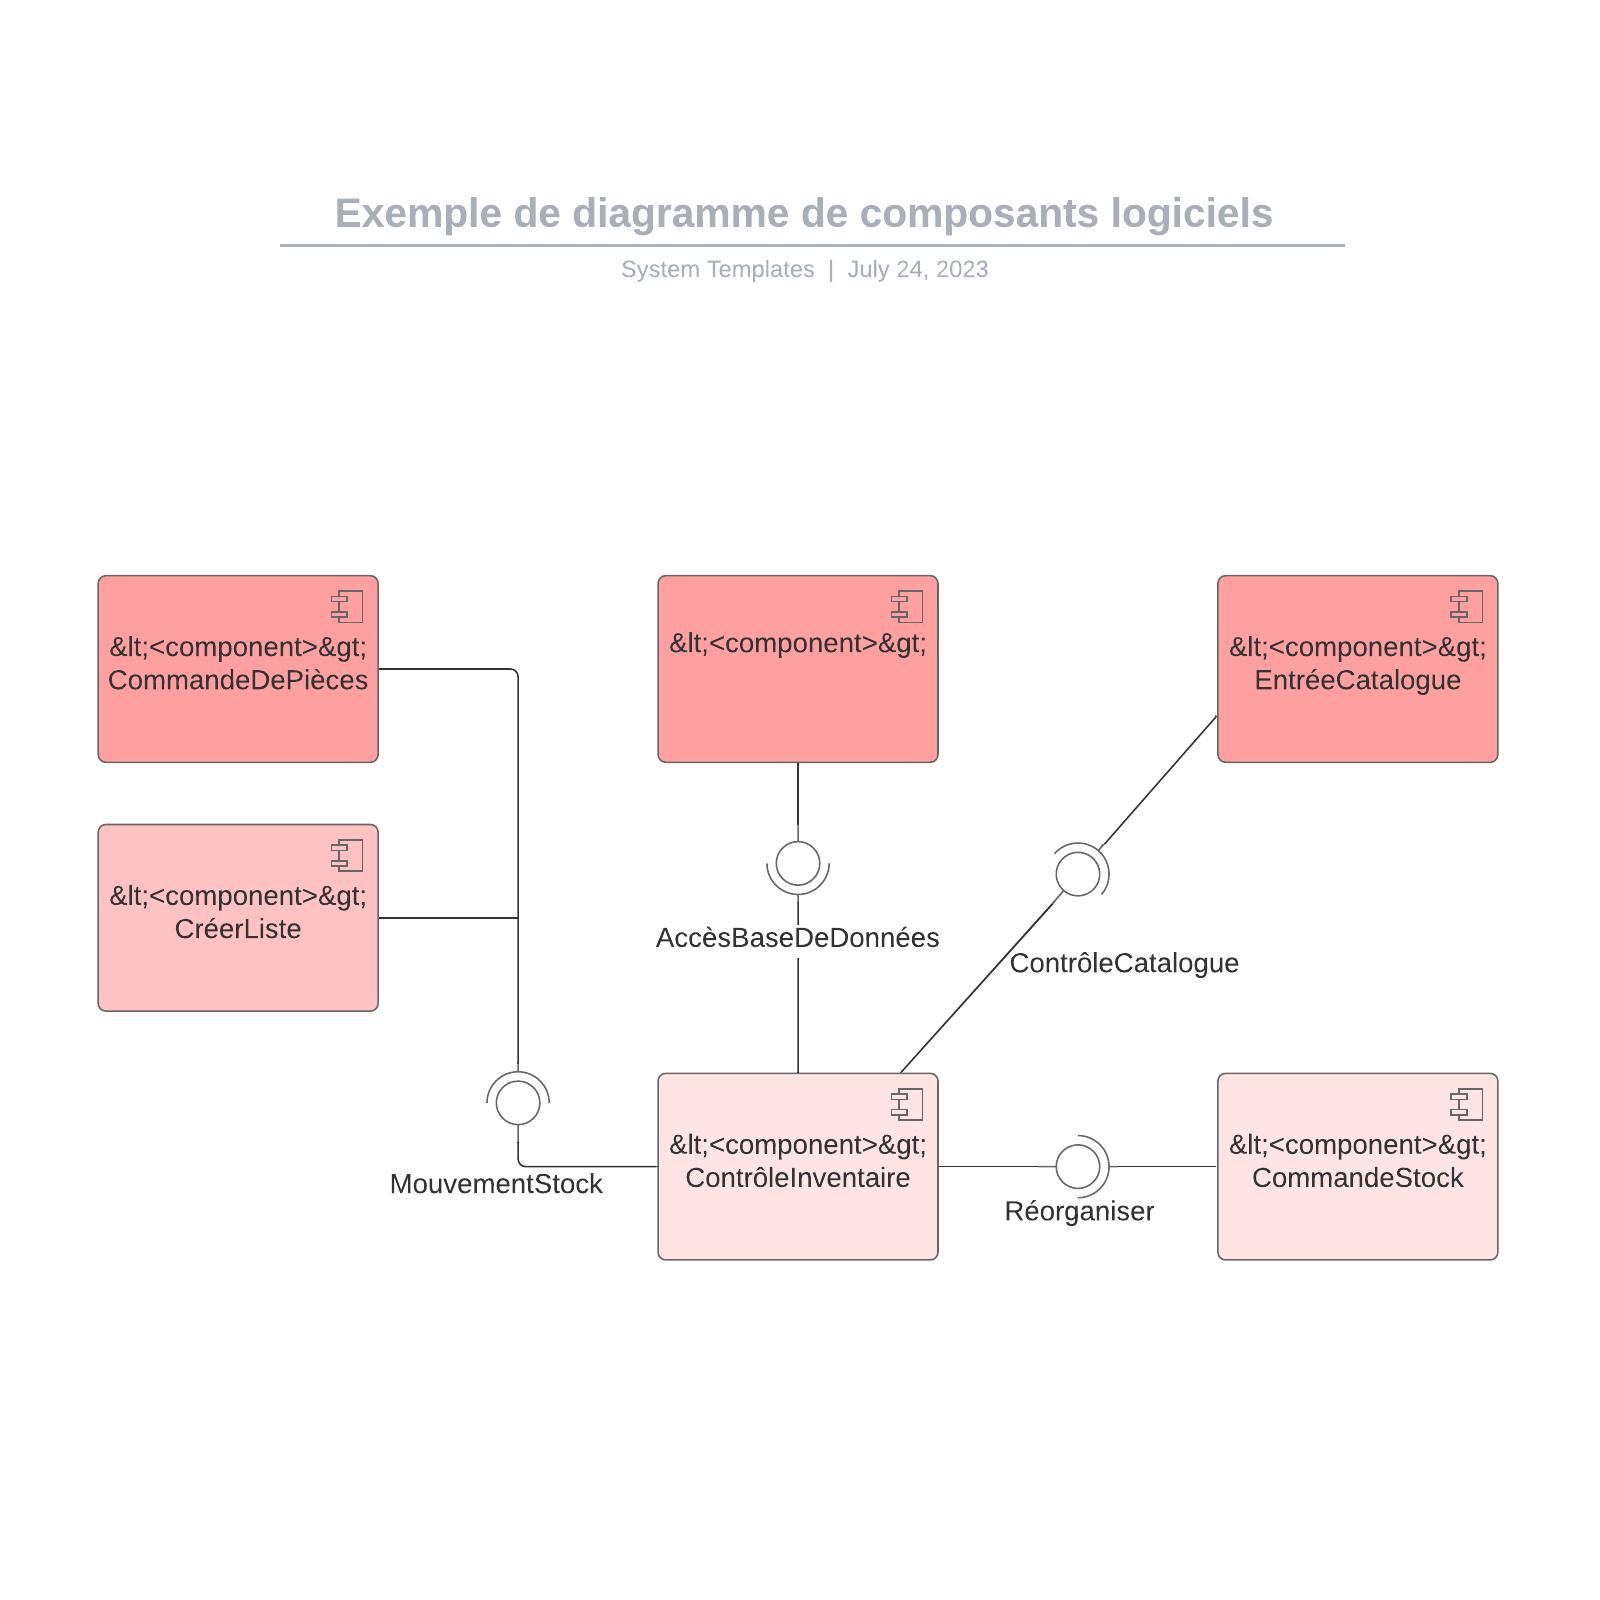 exemple de diagramme de composants logiciels